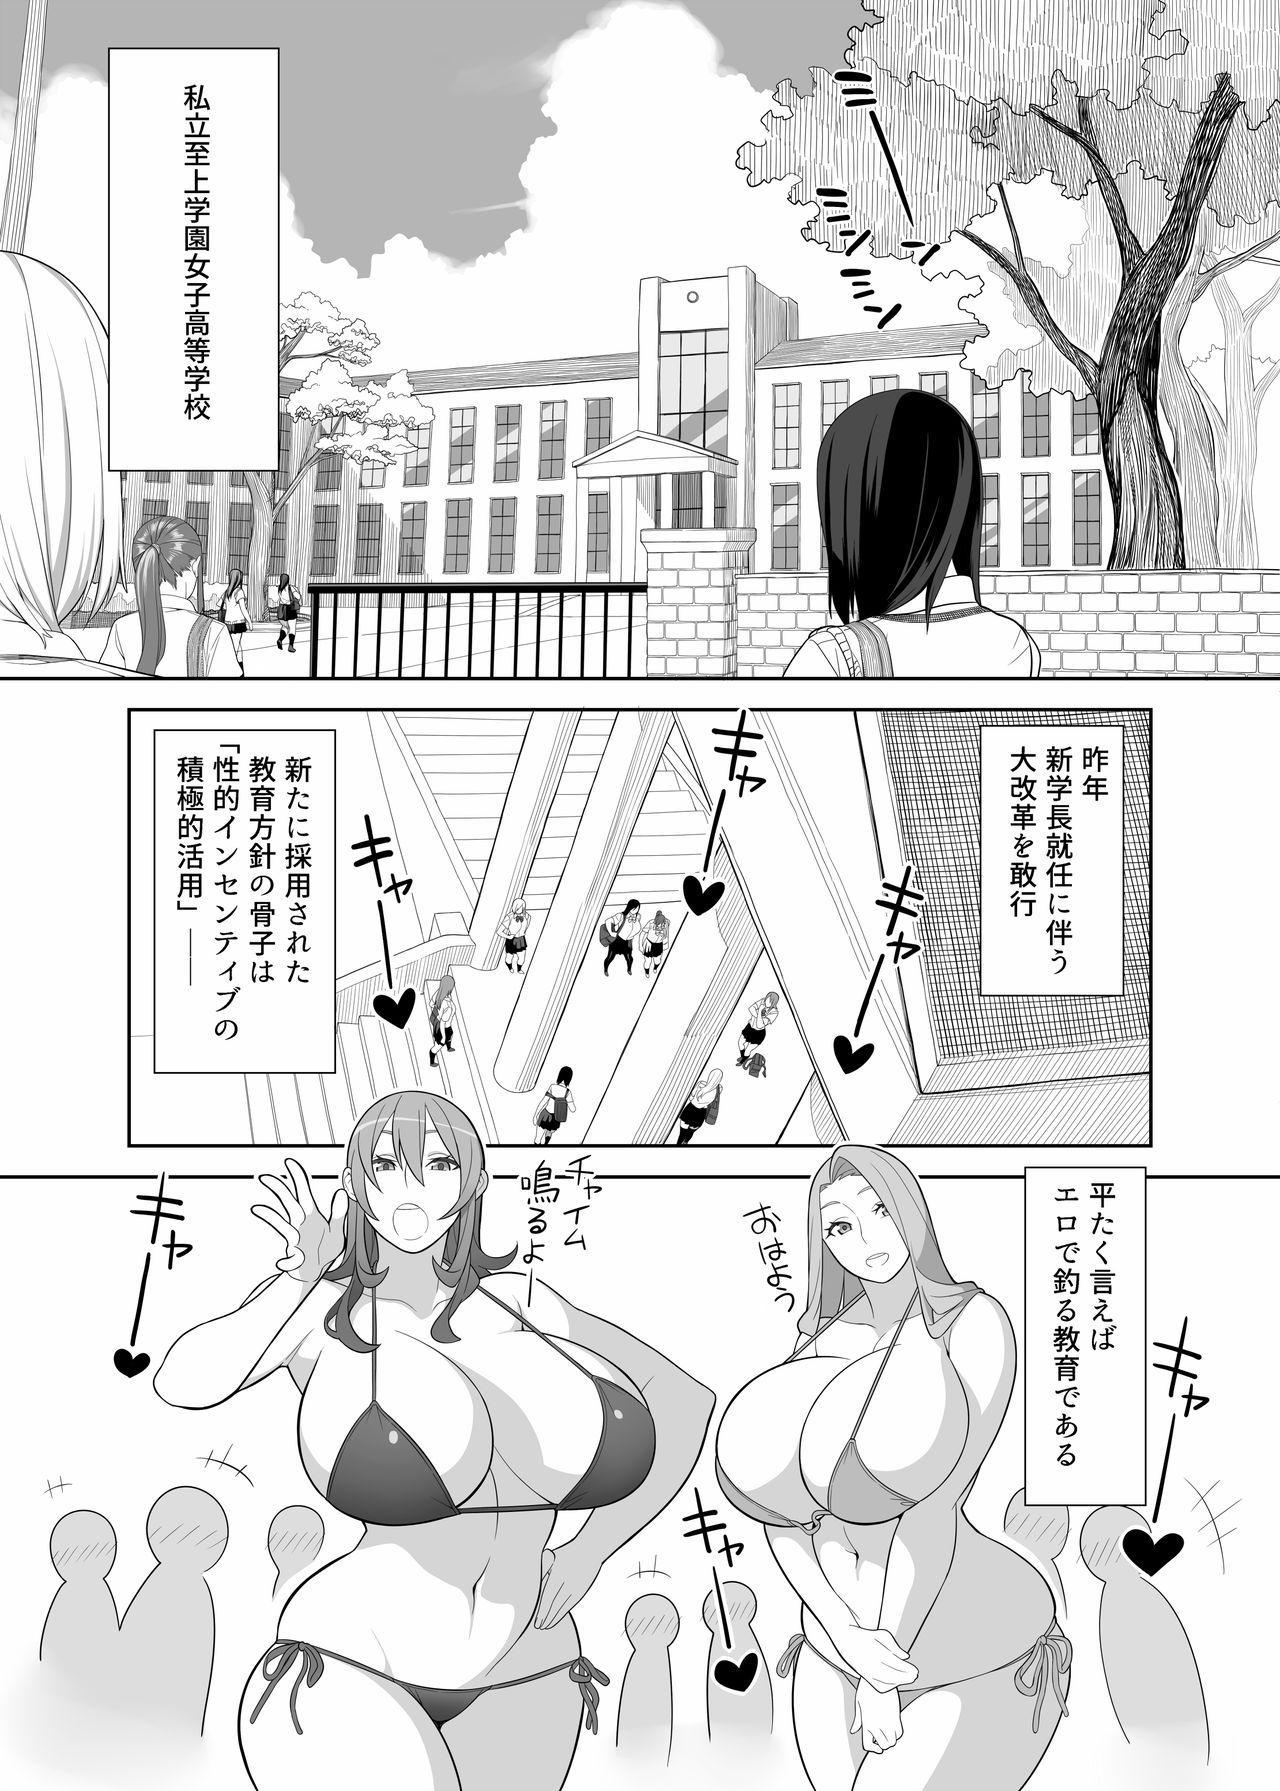 Takamine Sensei no Seikatsu Shidou 1